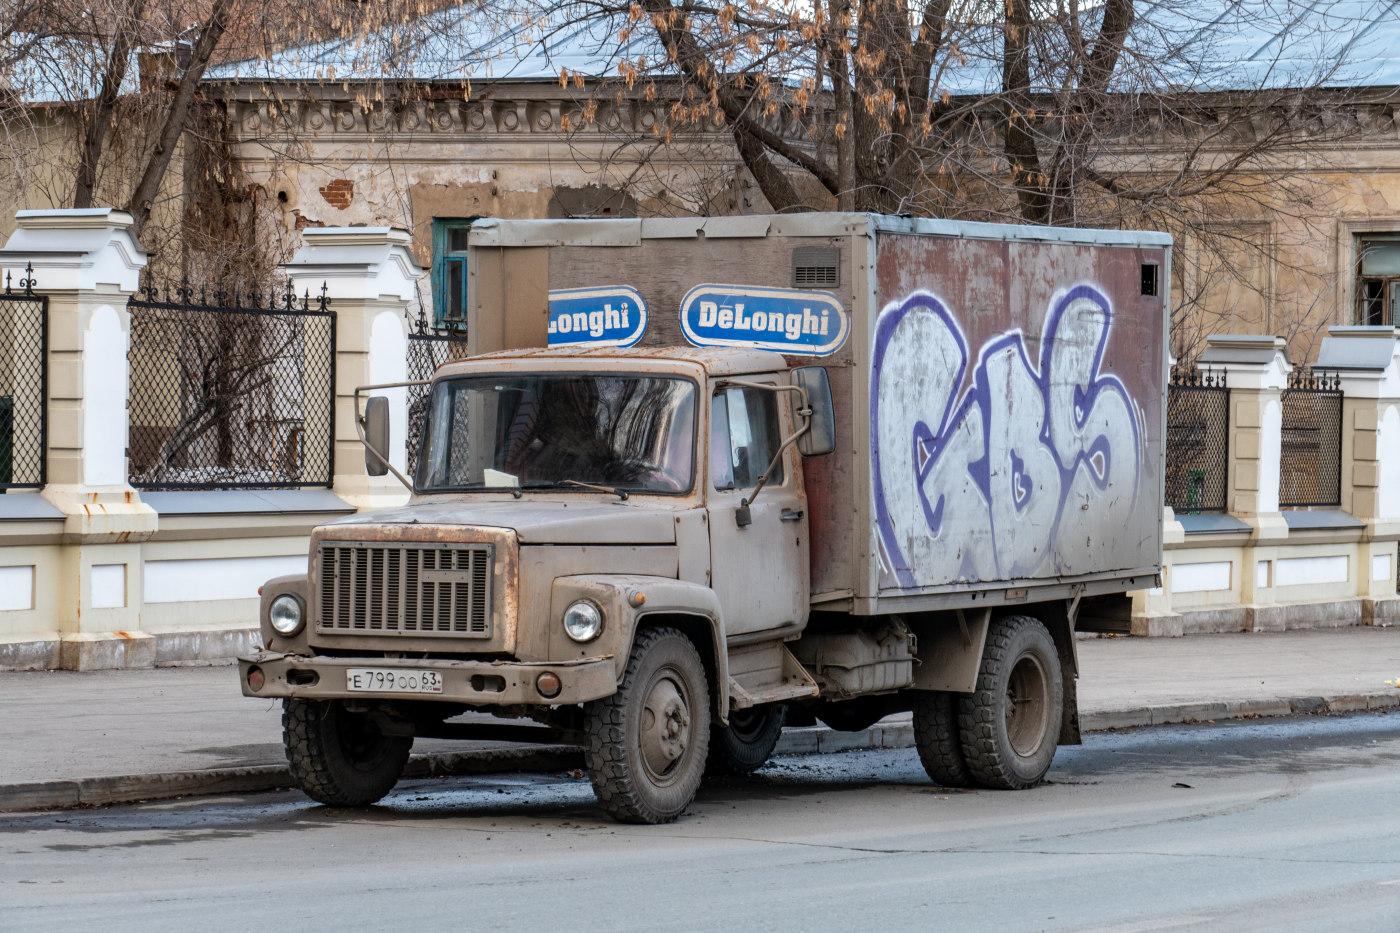 Фургон на шасси ГАЗ-3307 (шасси) #Е799ОО63. г. Самара, ул. Пионерская